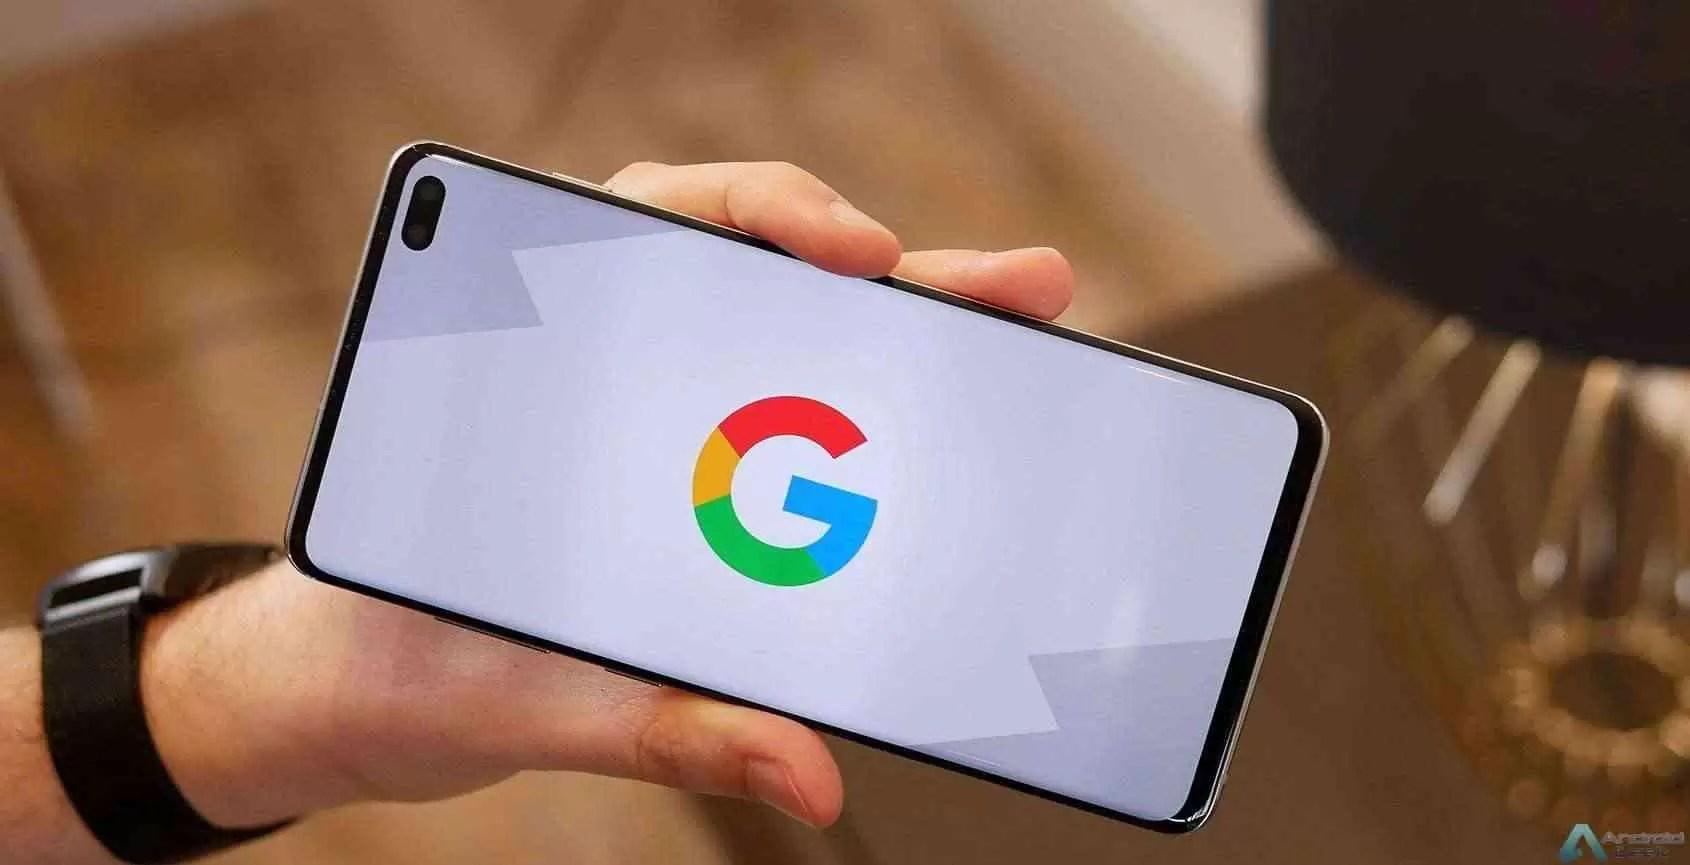 google-continua-a-melhorar-os-cartoes-de-resultados-de-pesquisa-androidgeek-2019-04-23_10-32-08_499834.jpg